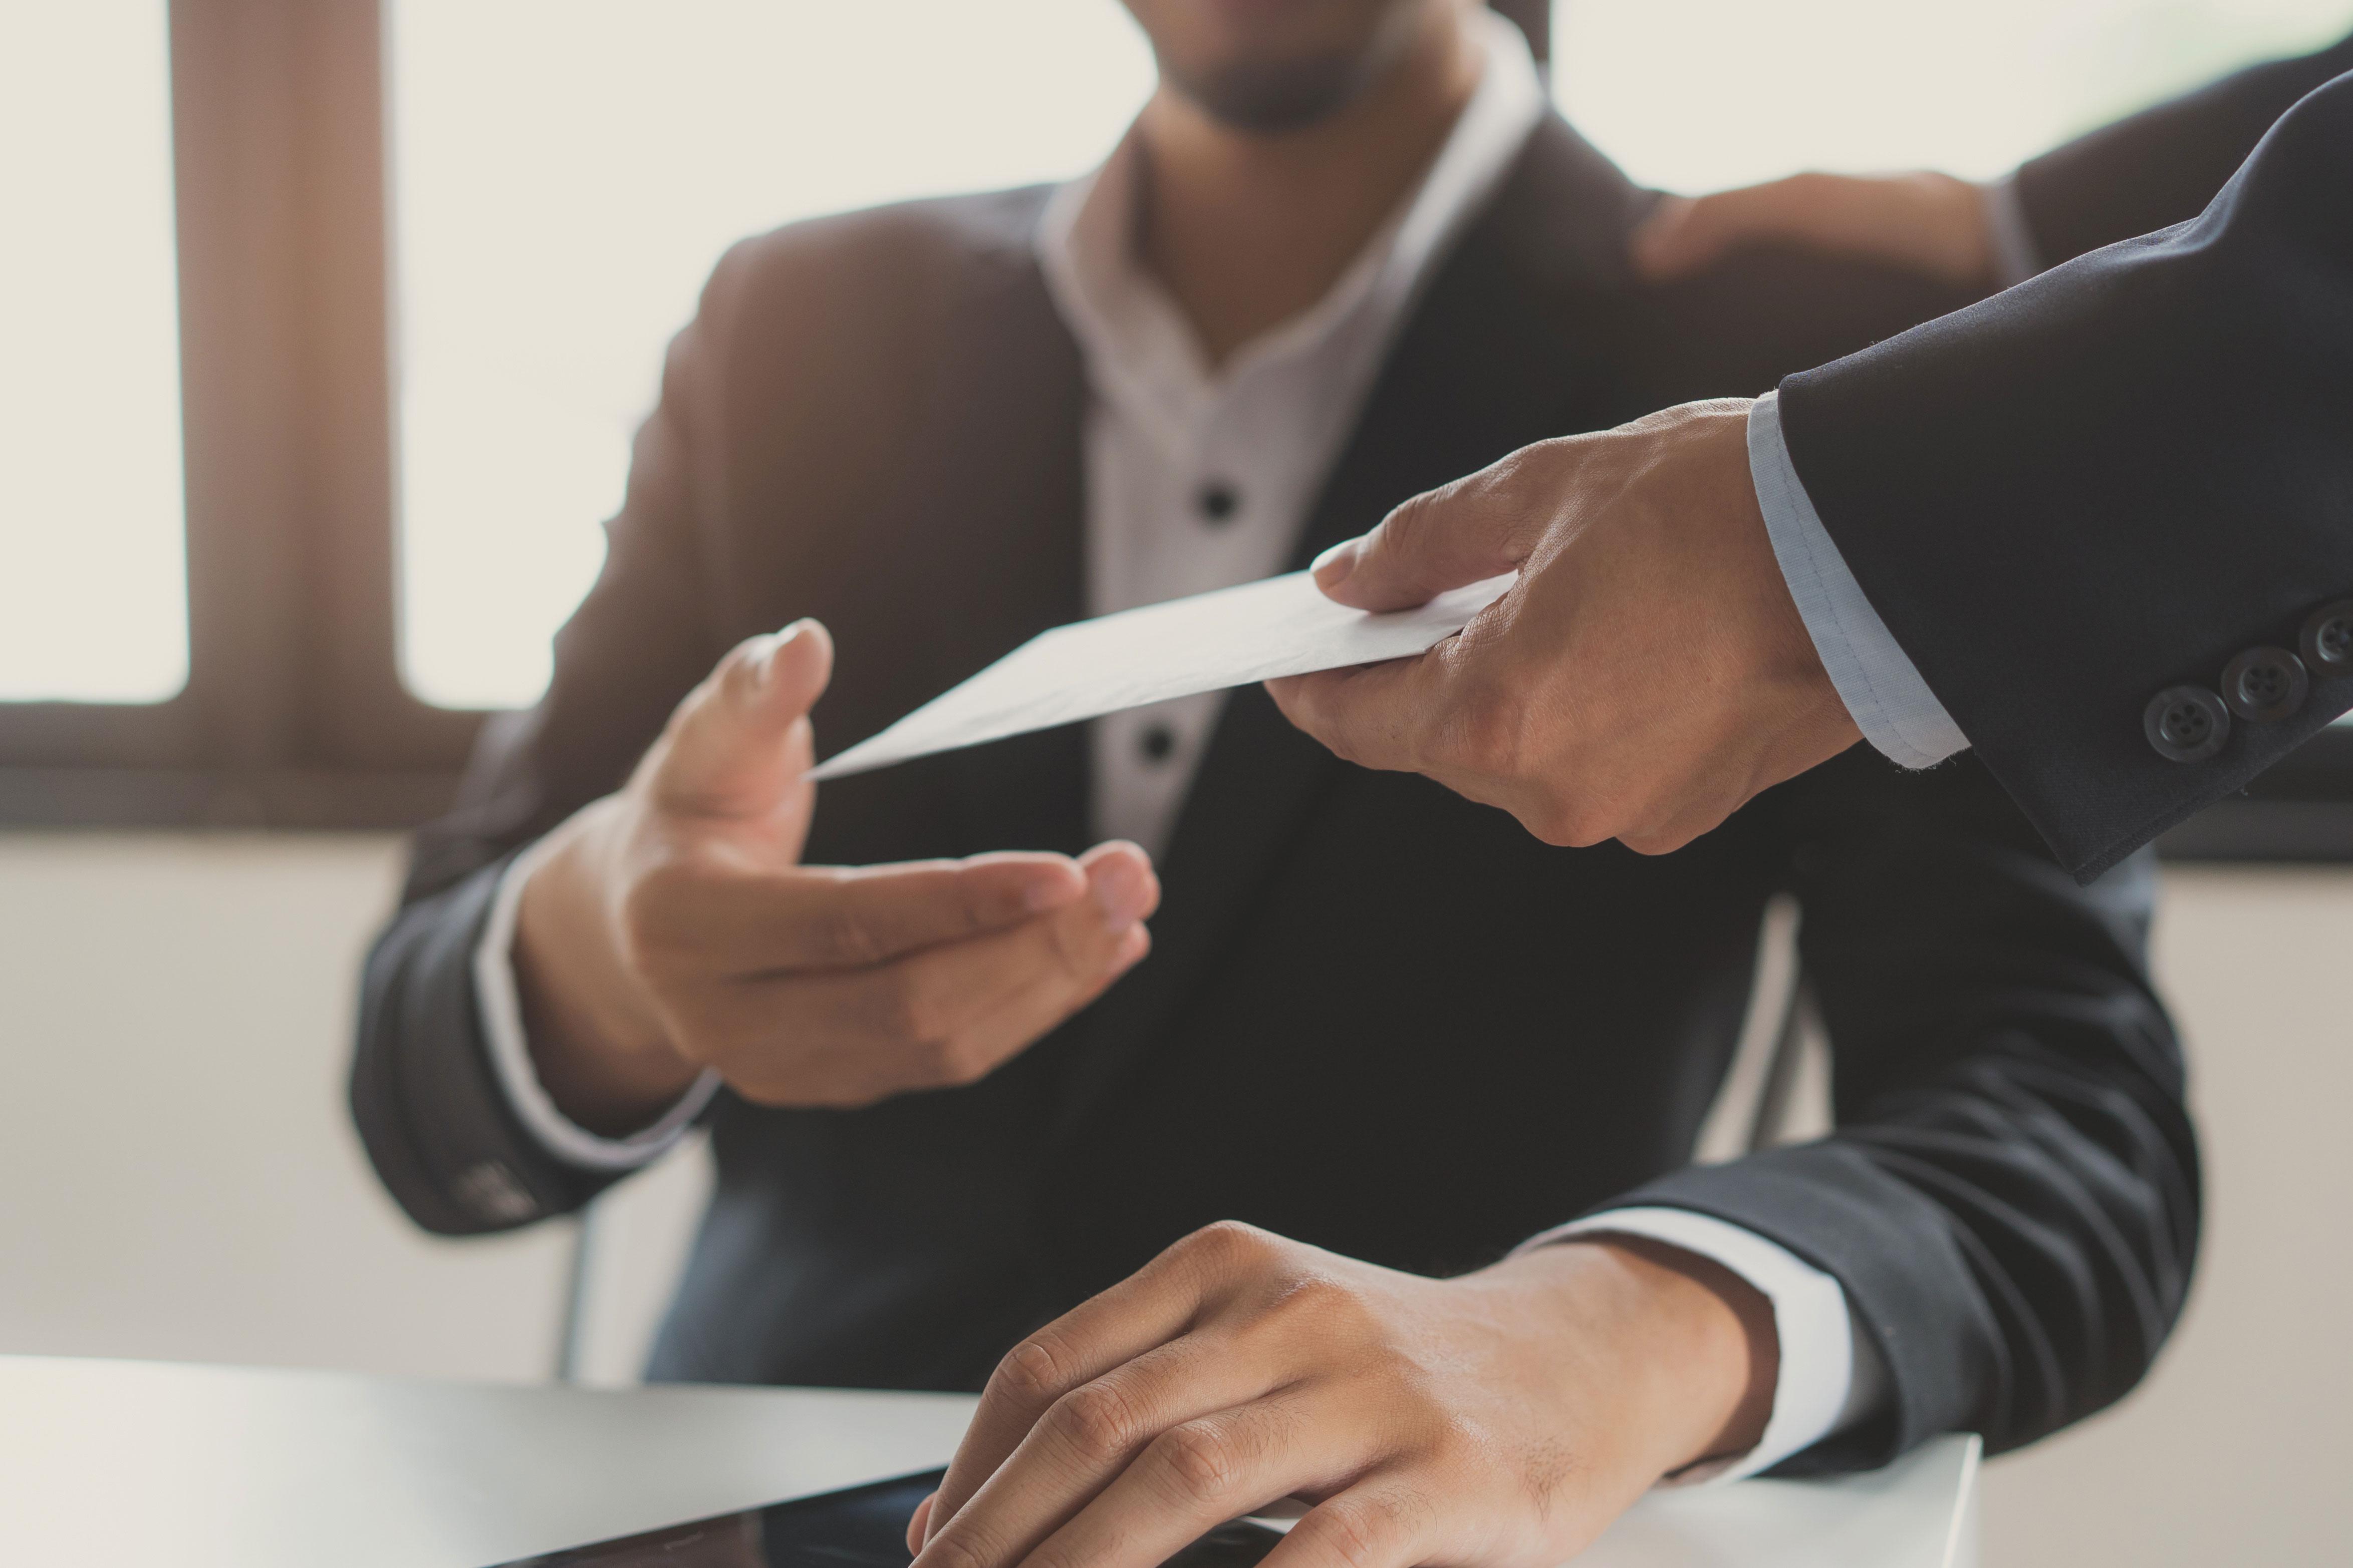 Man in a suit handing employee a reimbursement check